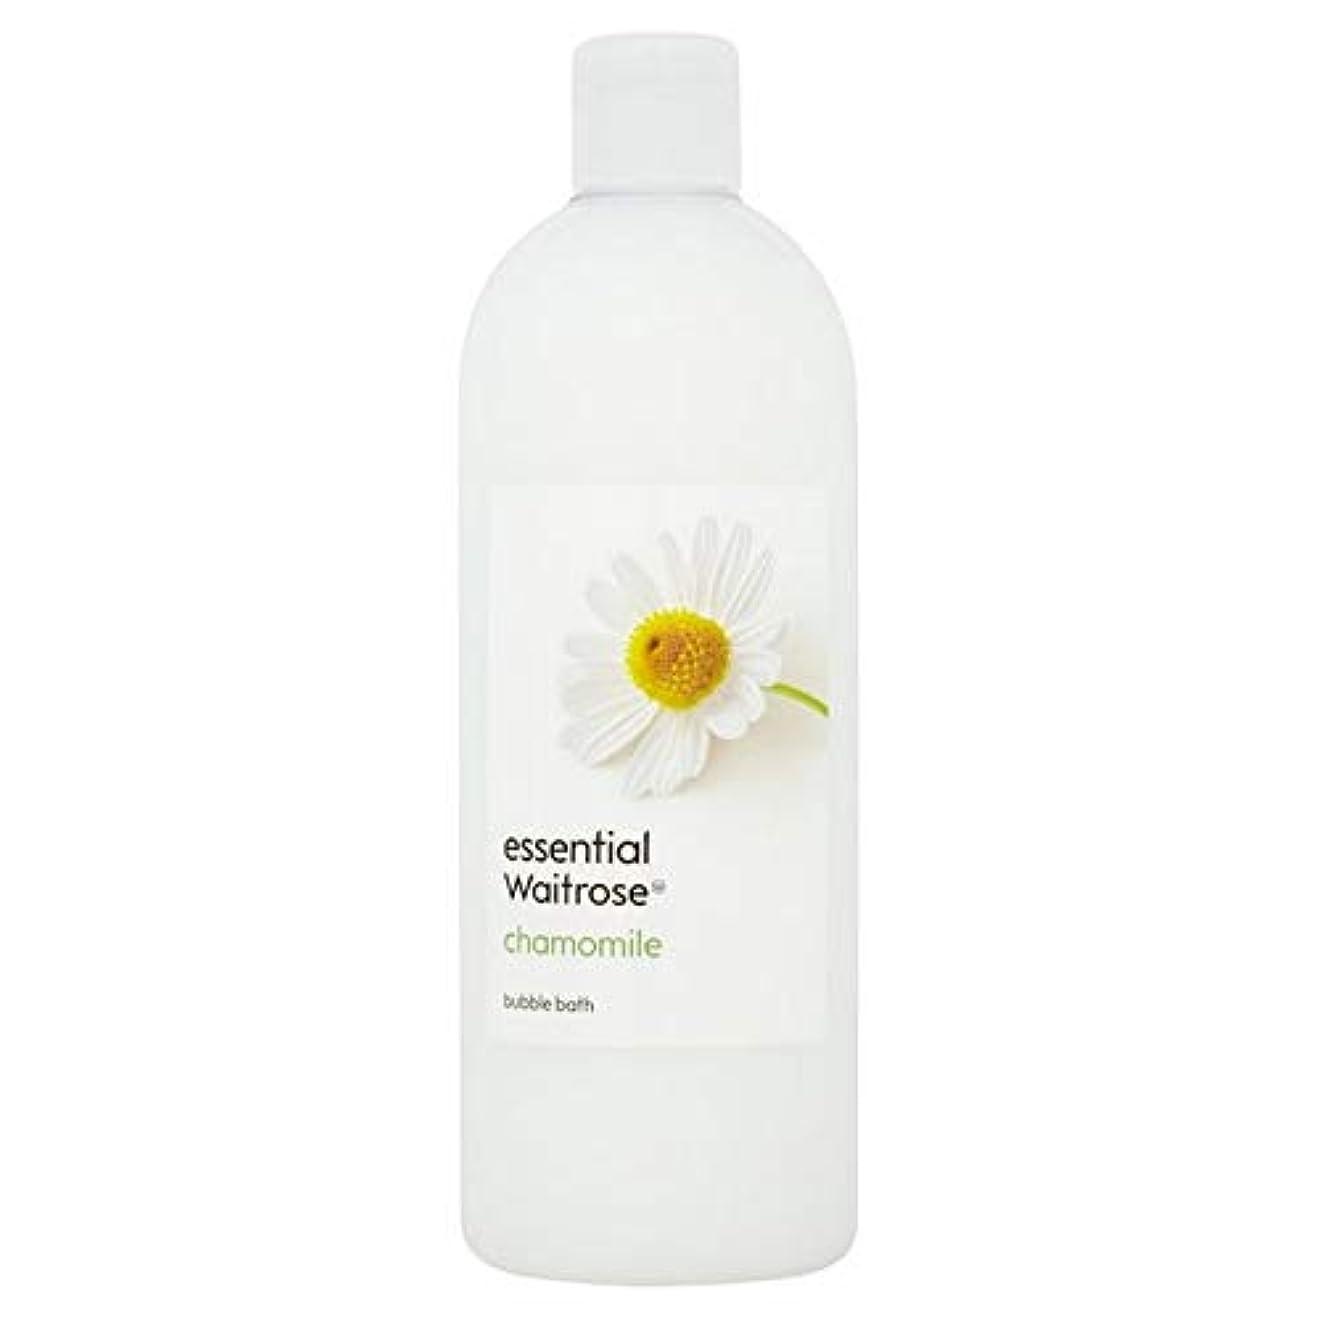 航空機立証するタイト[Waitrose ] 基本的なウェイトローズ泡風呂のカモミール750ミリリットル - Essential Waitrose Bubble Bath Chamomile 750ml [並行輸入品]